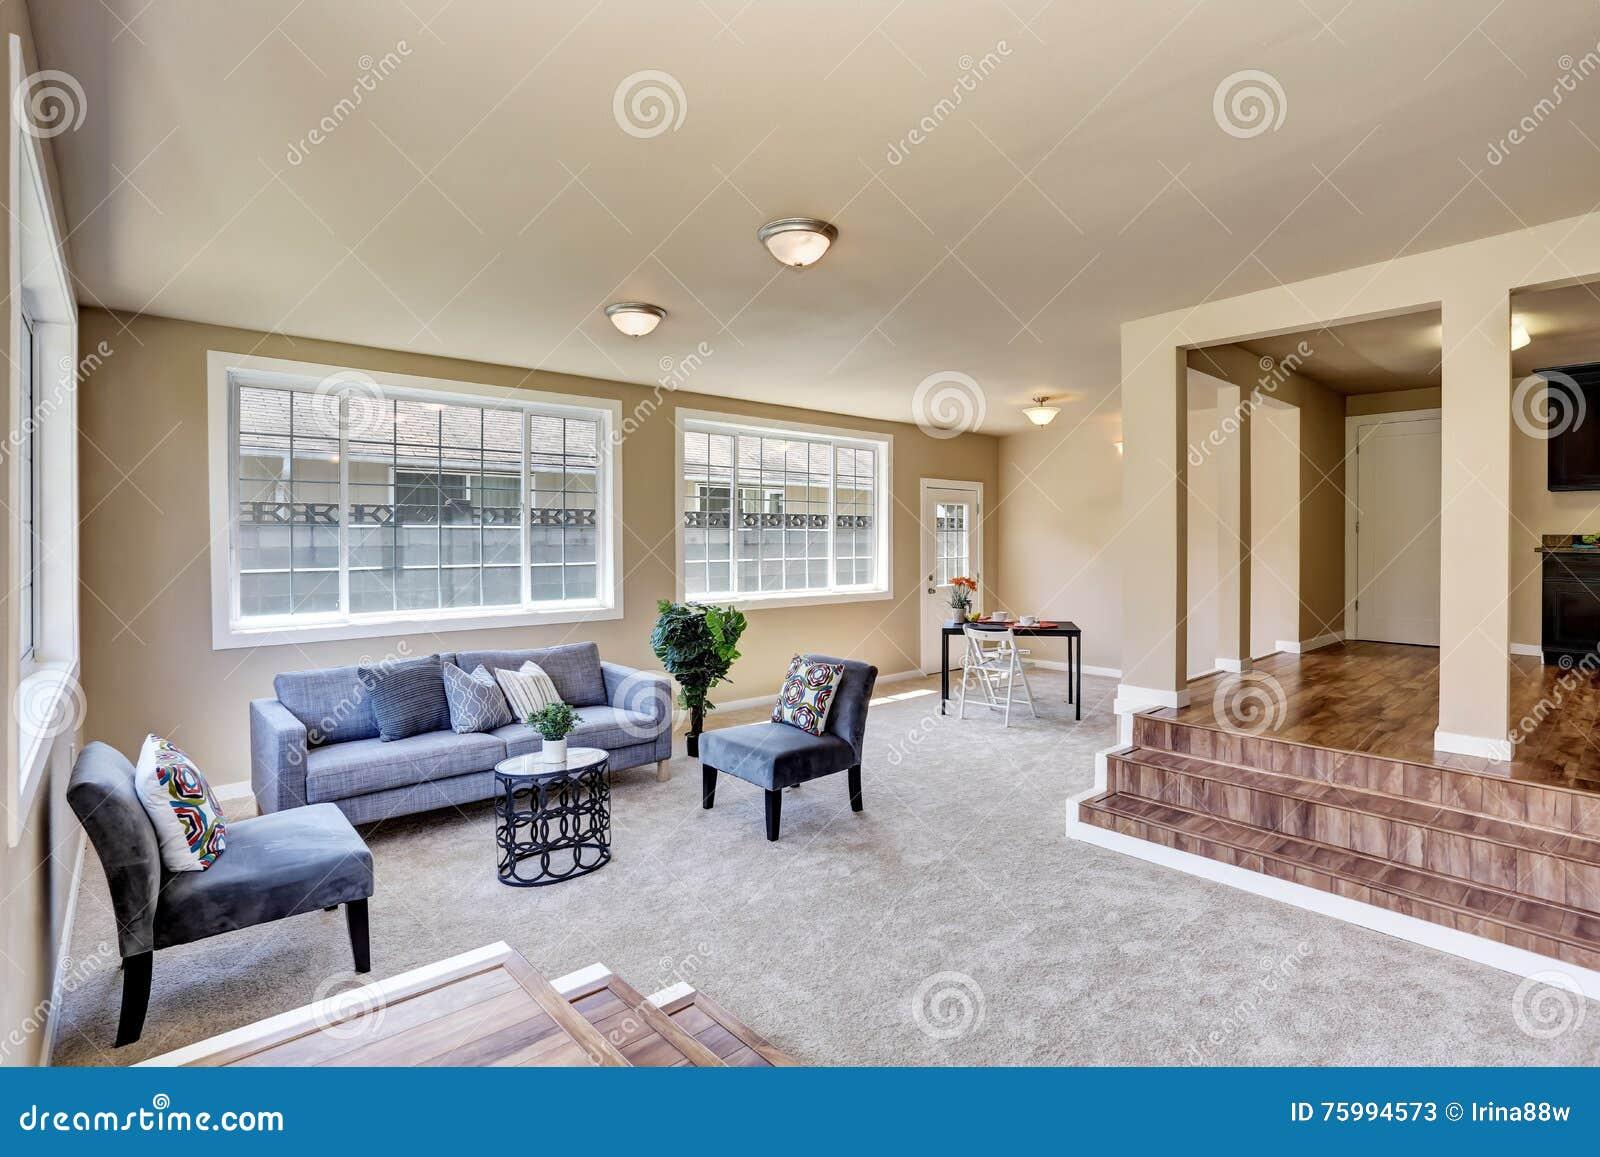 Halleninnenraum In Den Beige Wänden Wohnzimmer Mit Modernem Blauem ...